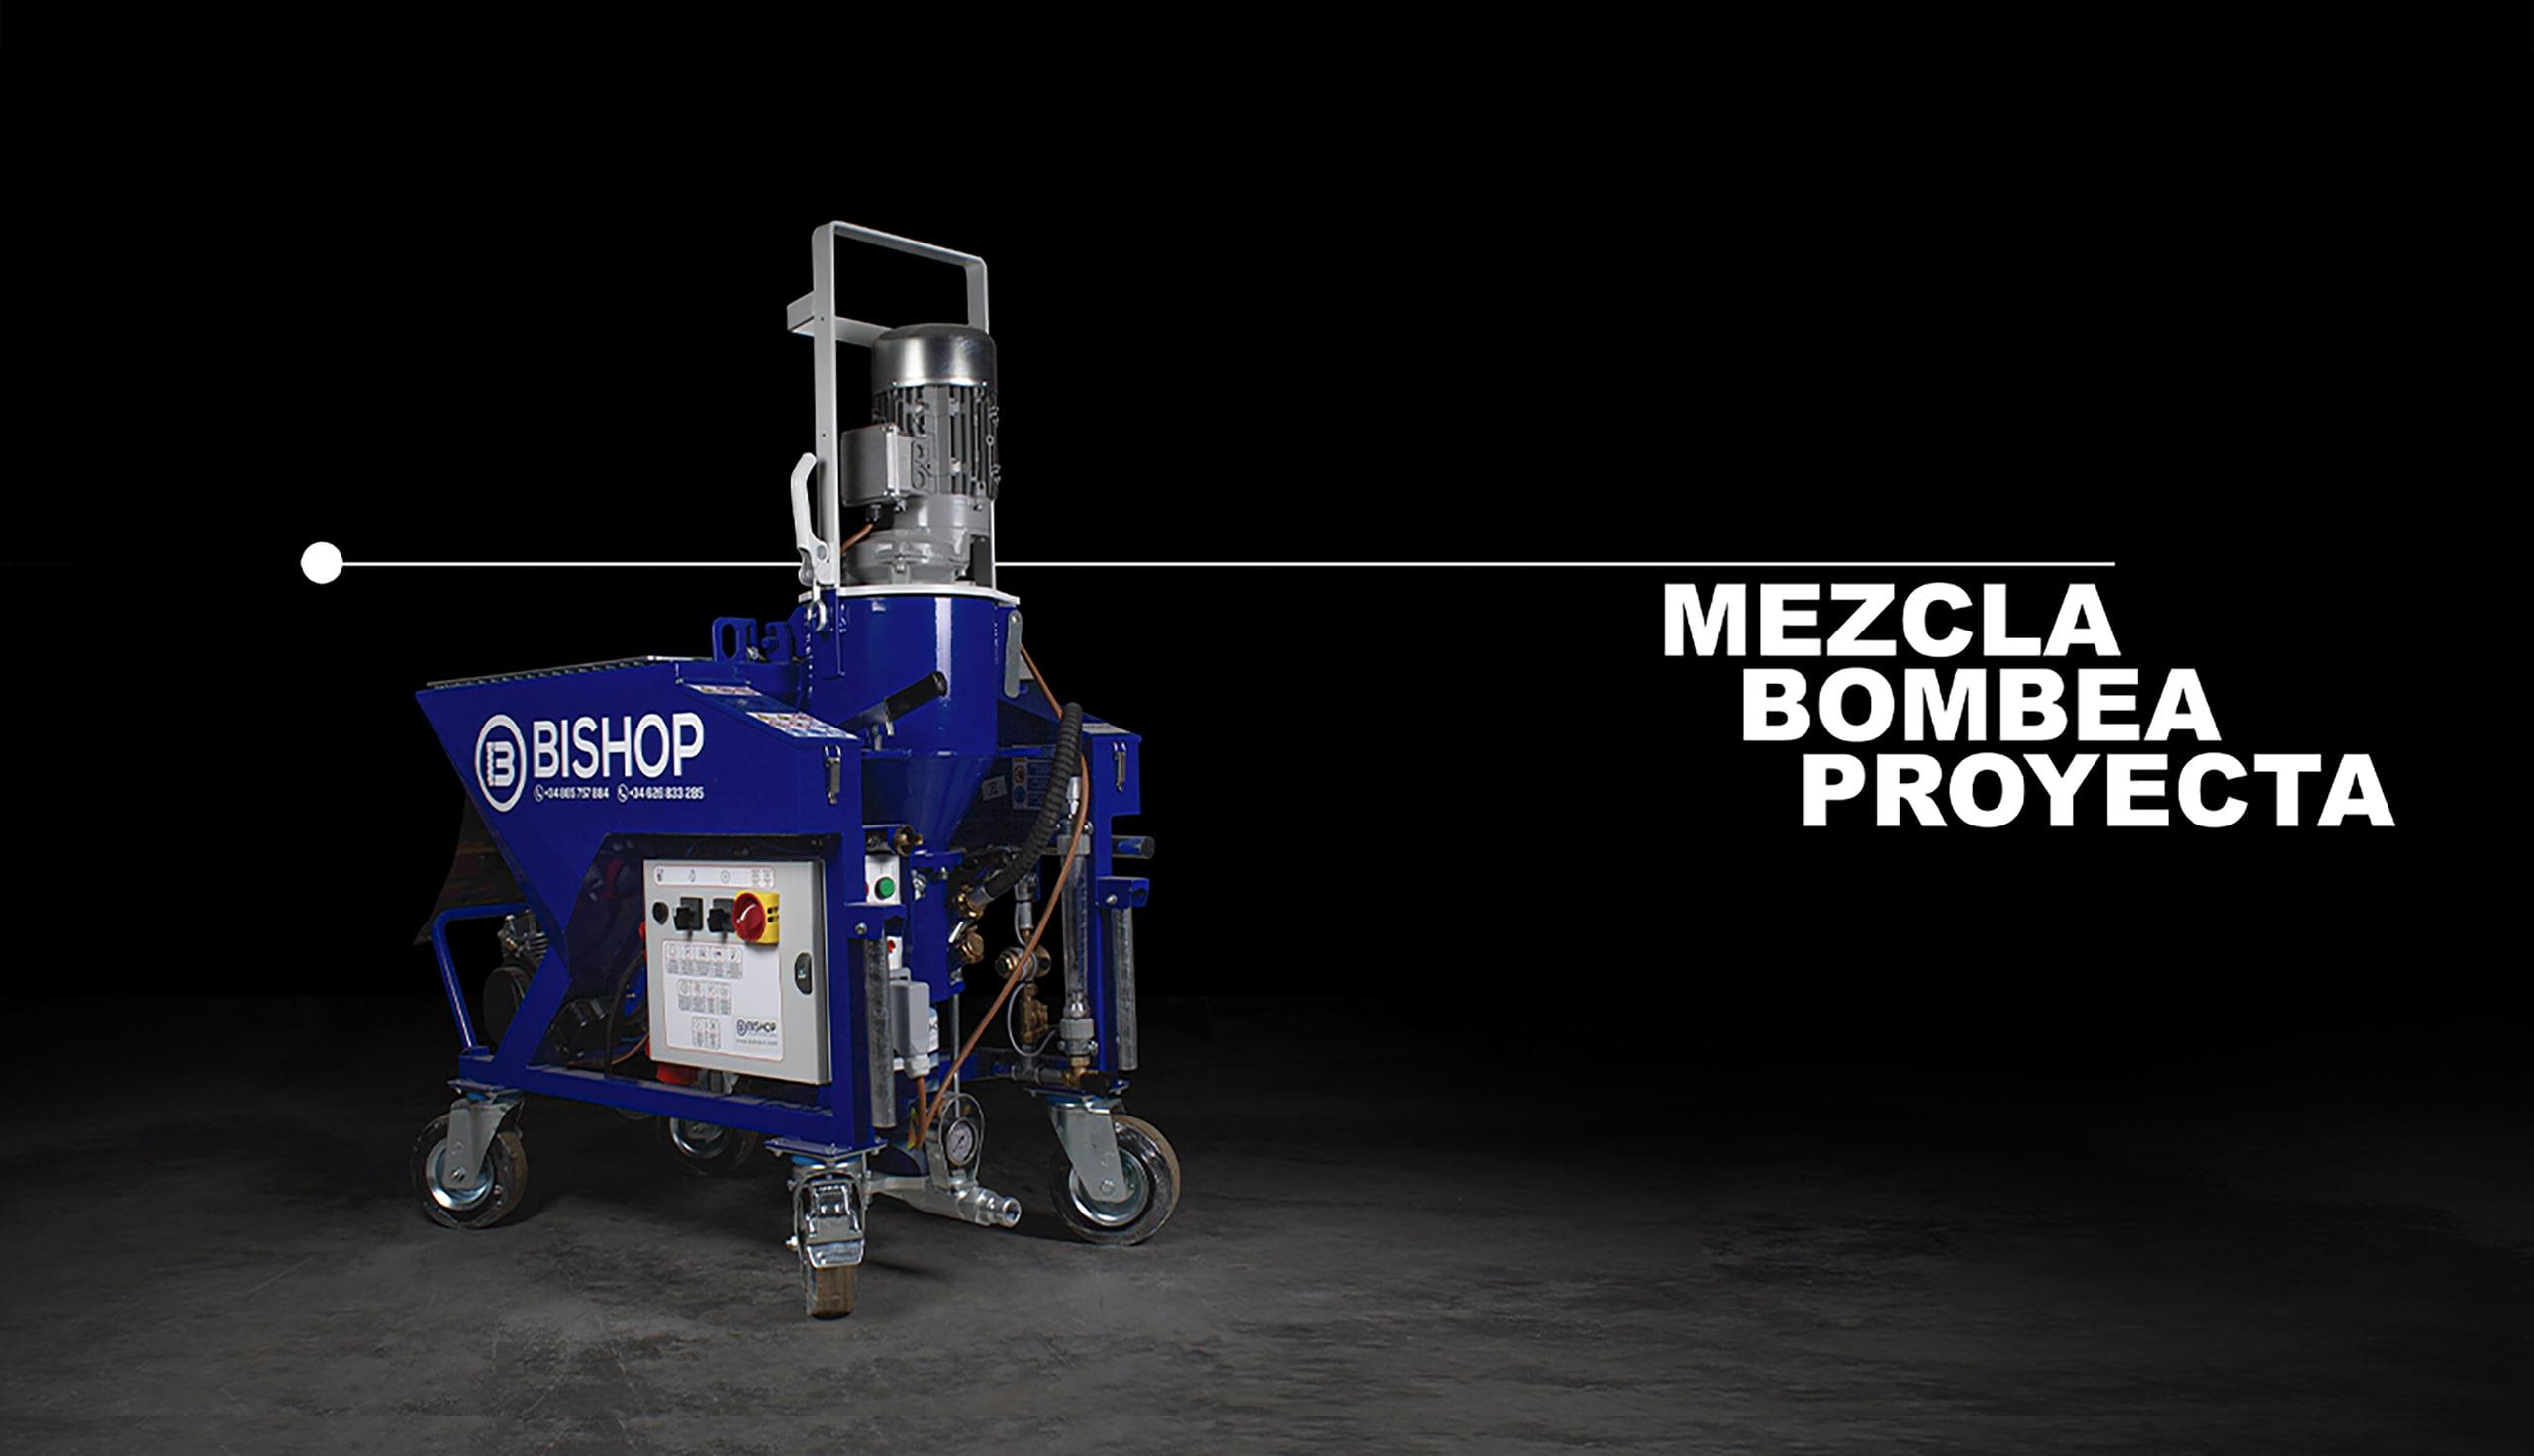 ob-pro 50 bishop maquinas para proyeccion bombeo y mezcla